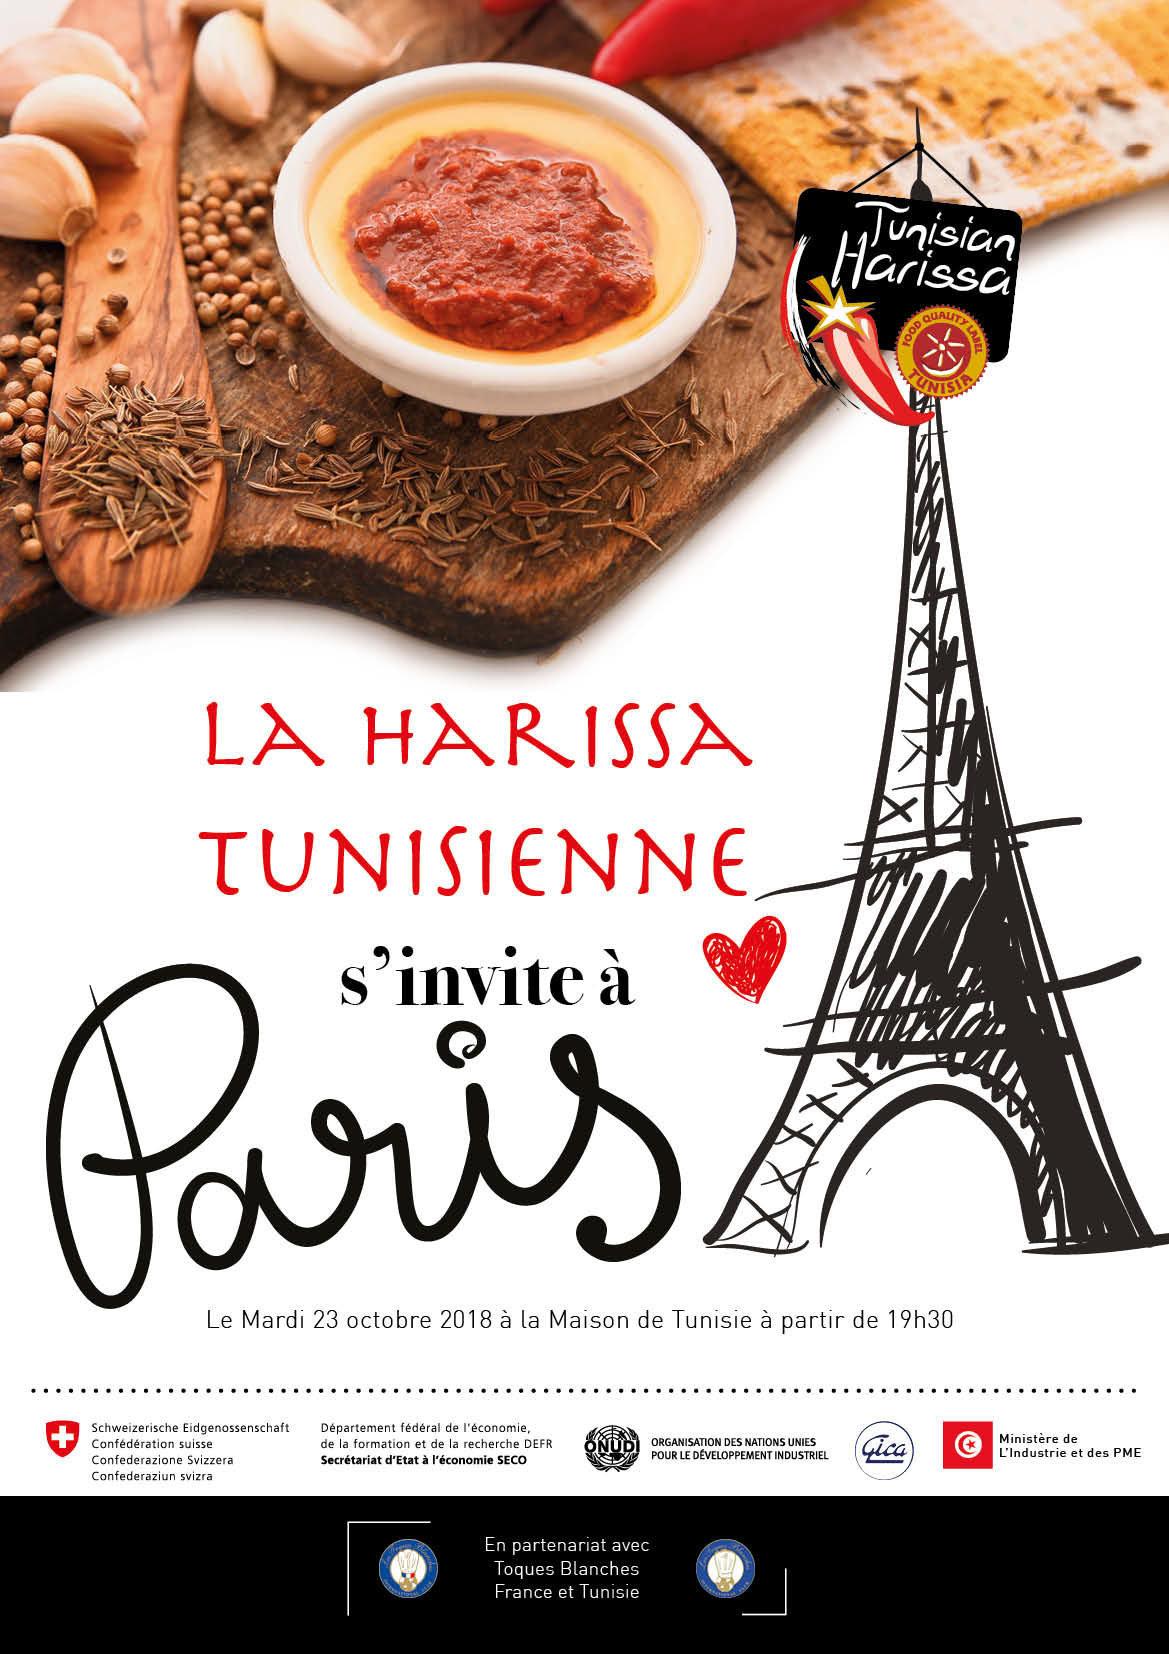 La Harissa tunisienne à l'honneur à Paris le 23 octobre